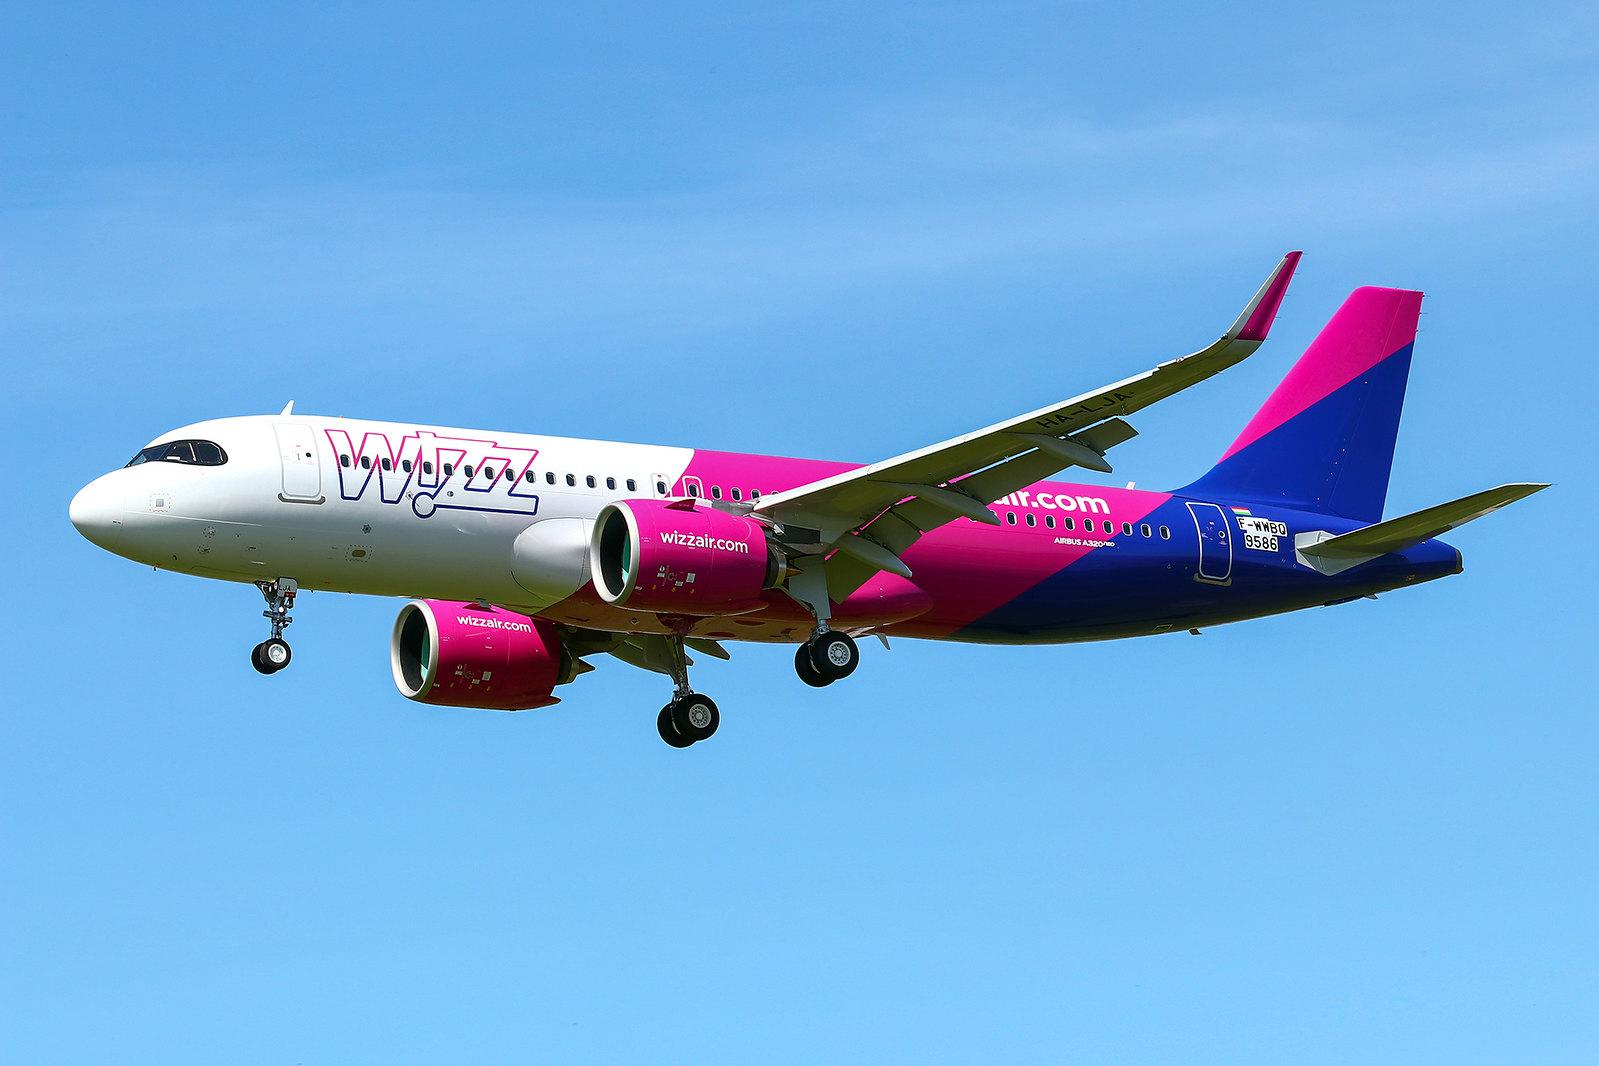 A320 271n Wizz Air F Wwbq Ha Lja Msn 9586 Aib Family Flights